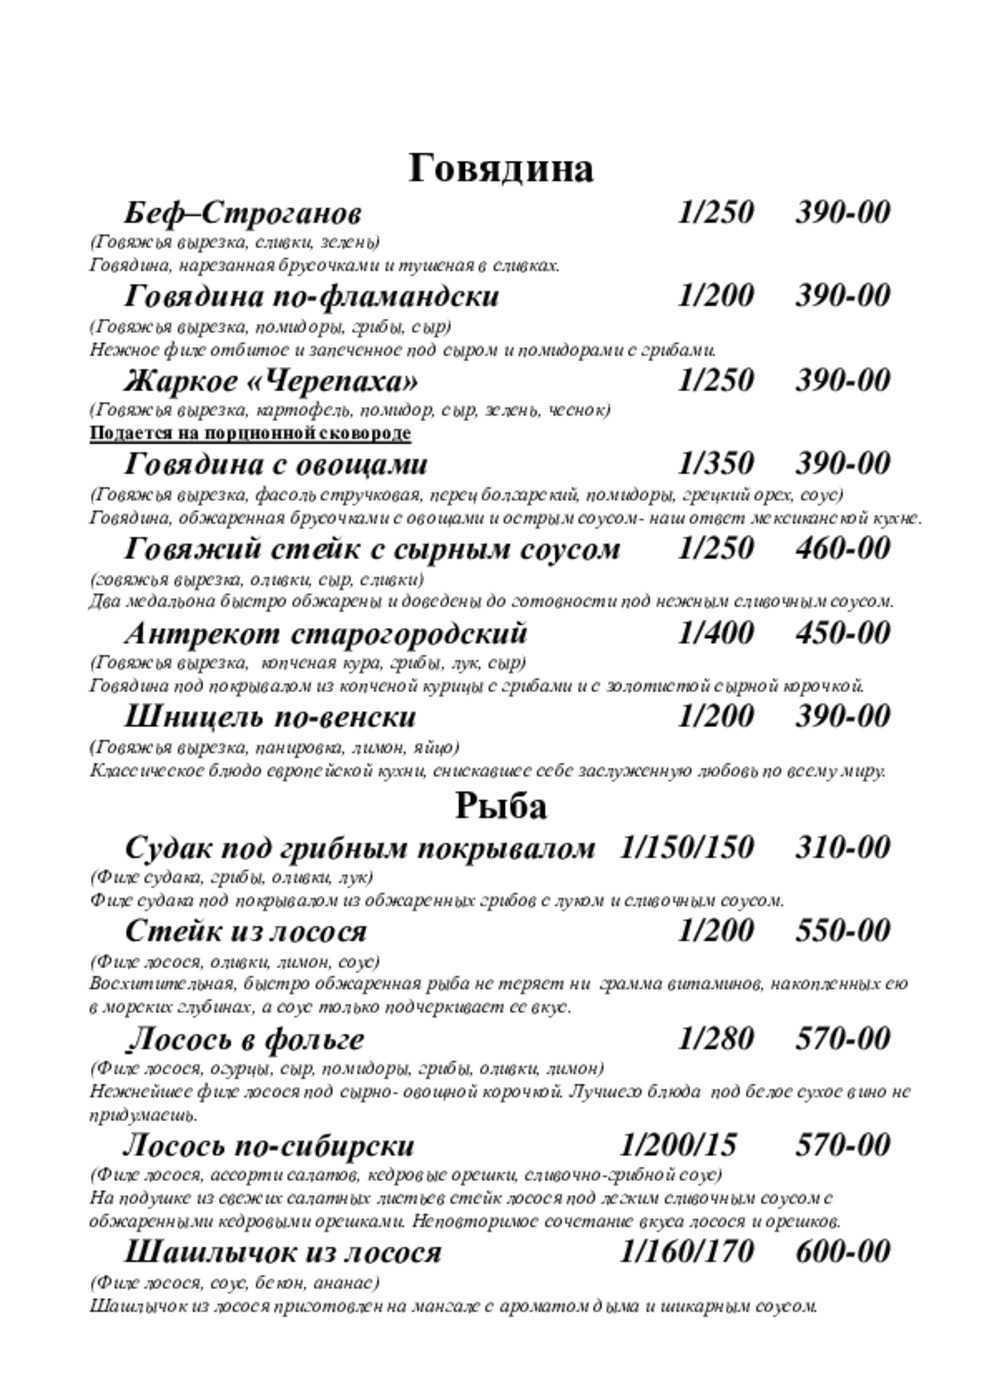 Меню кафе Старый город на улице Достоевского фото 5